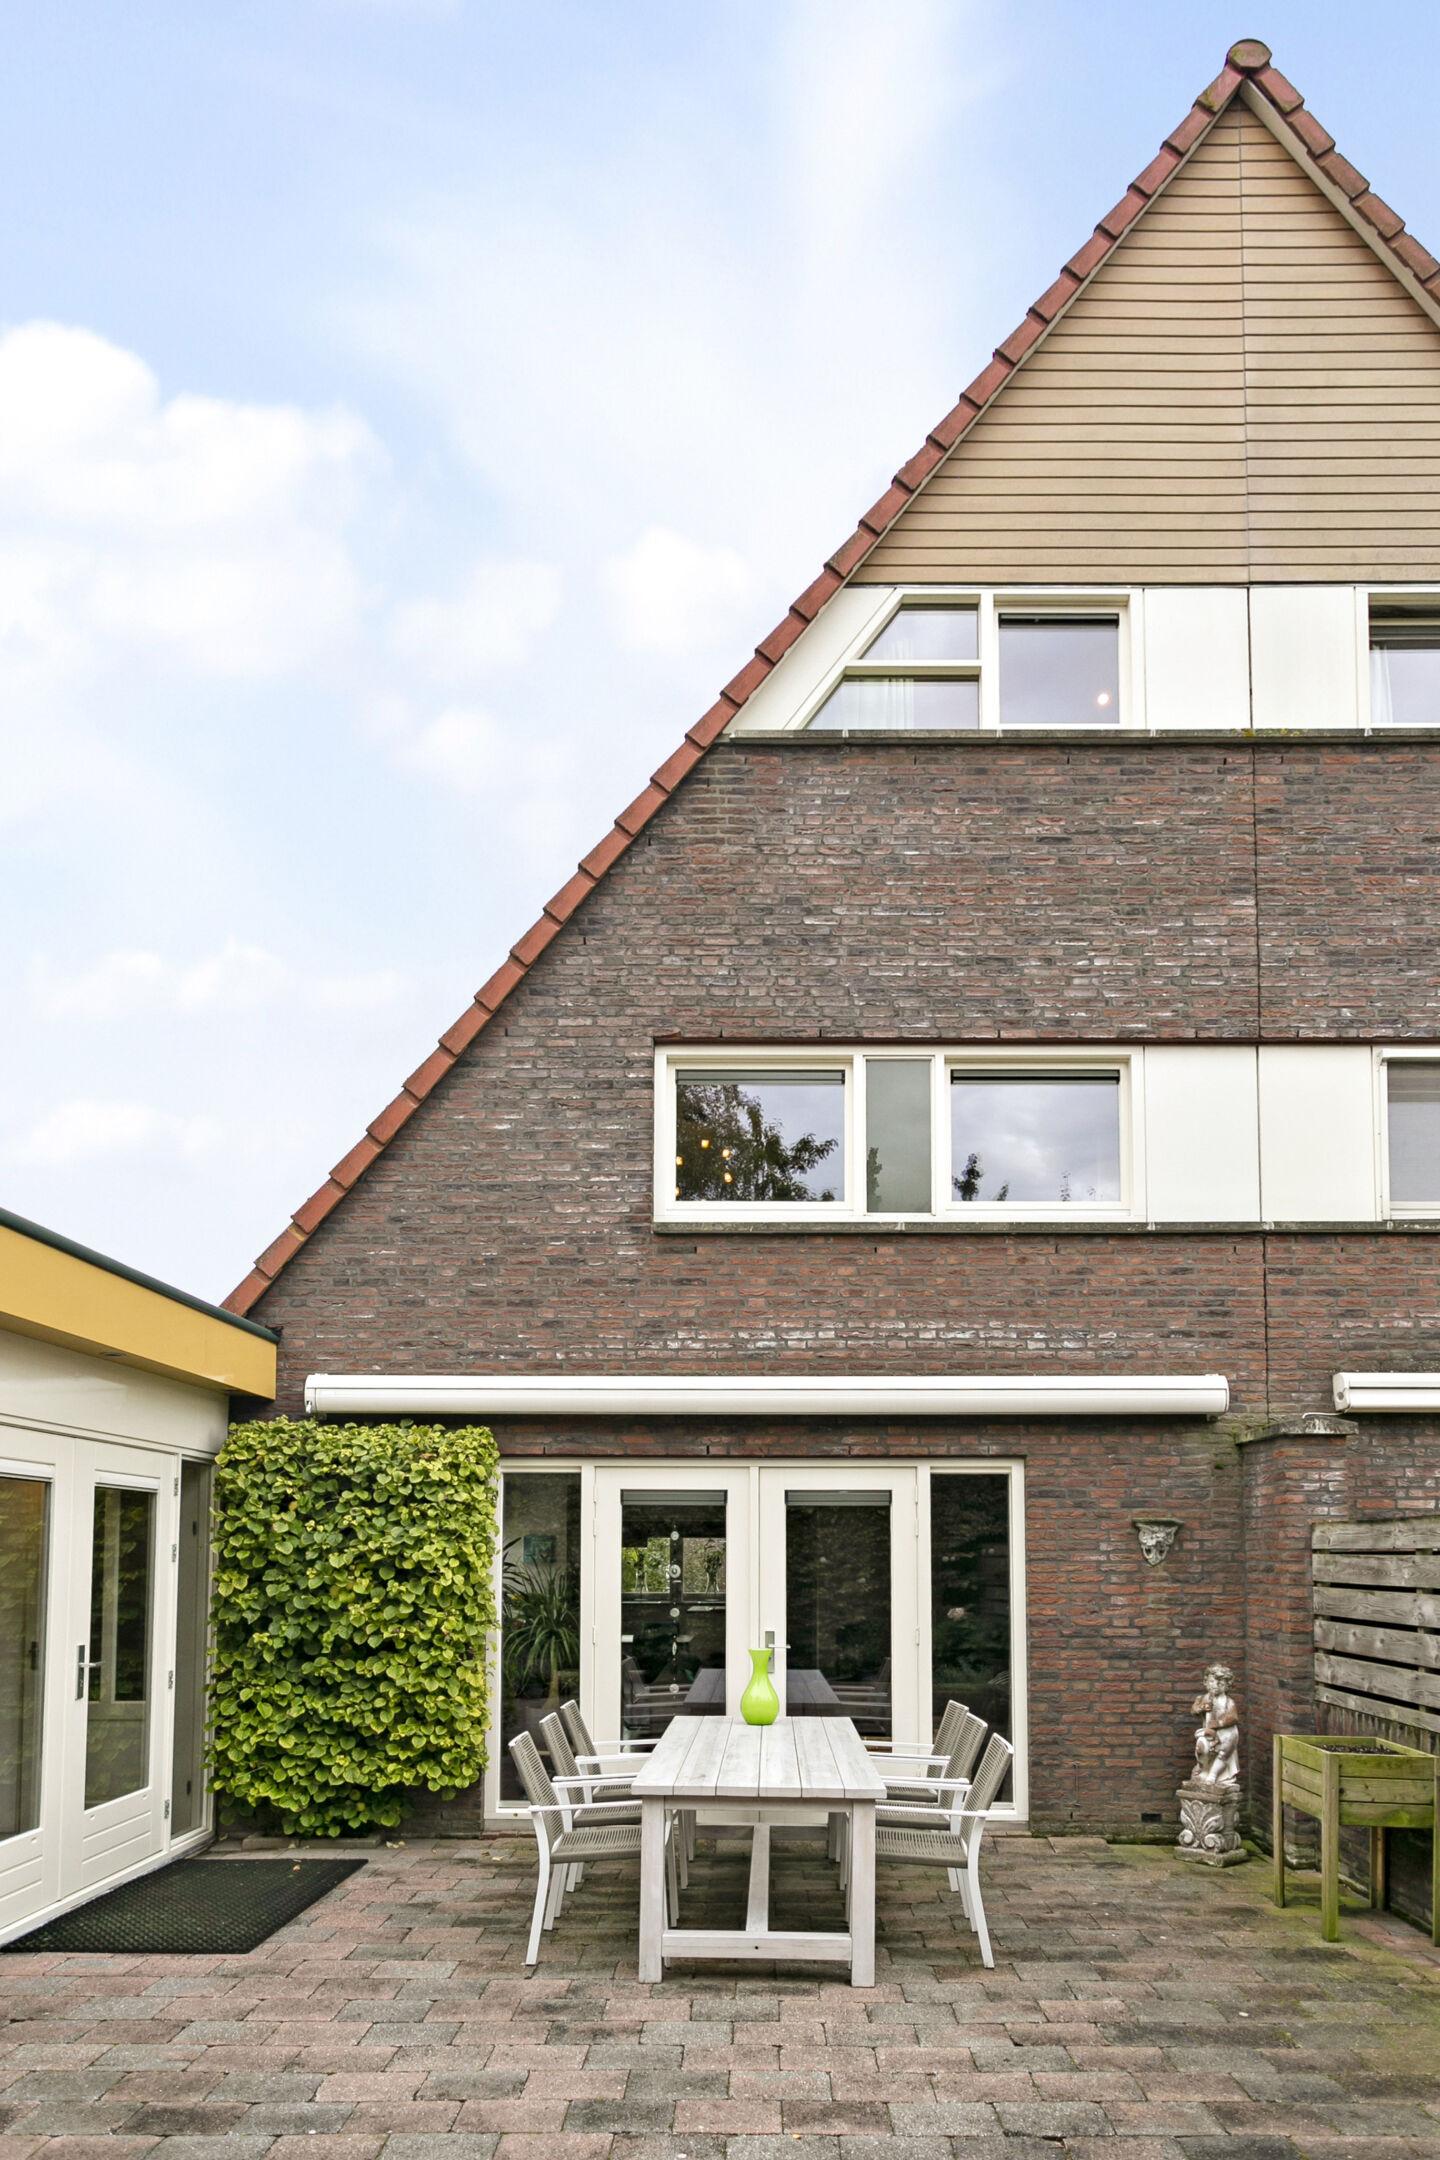 7283-piet_stoffelenstraat_8-steenbergen-2470227470